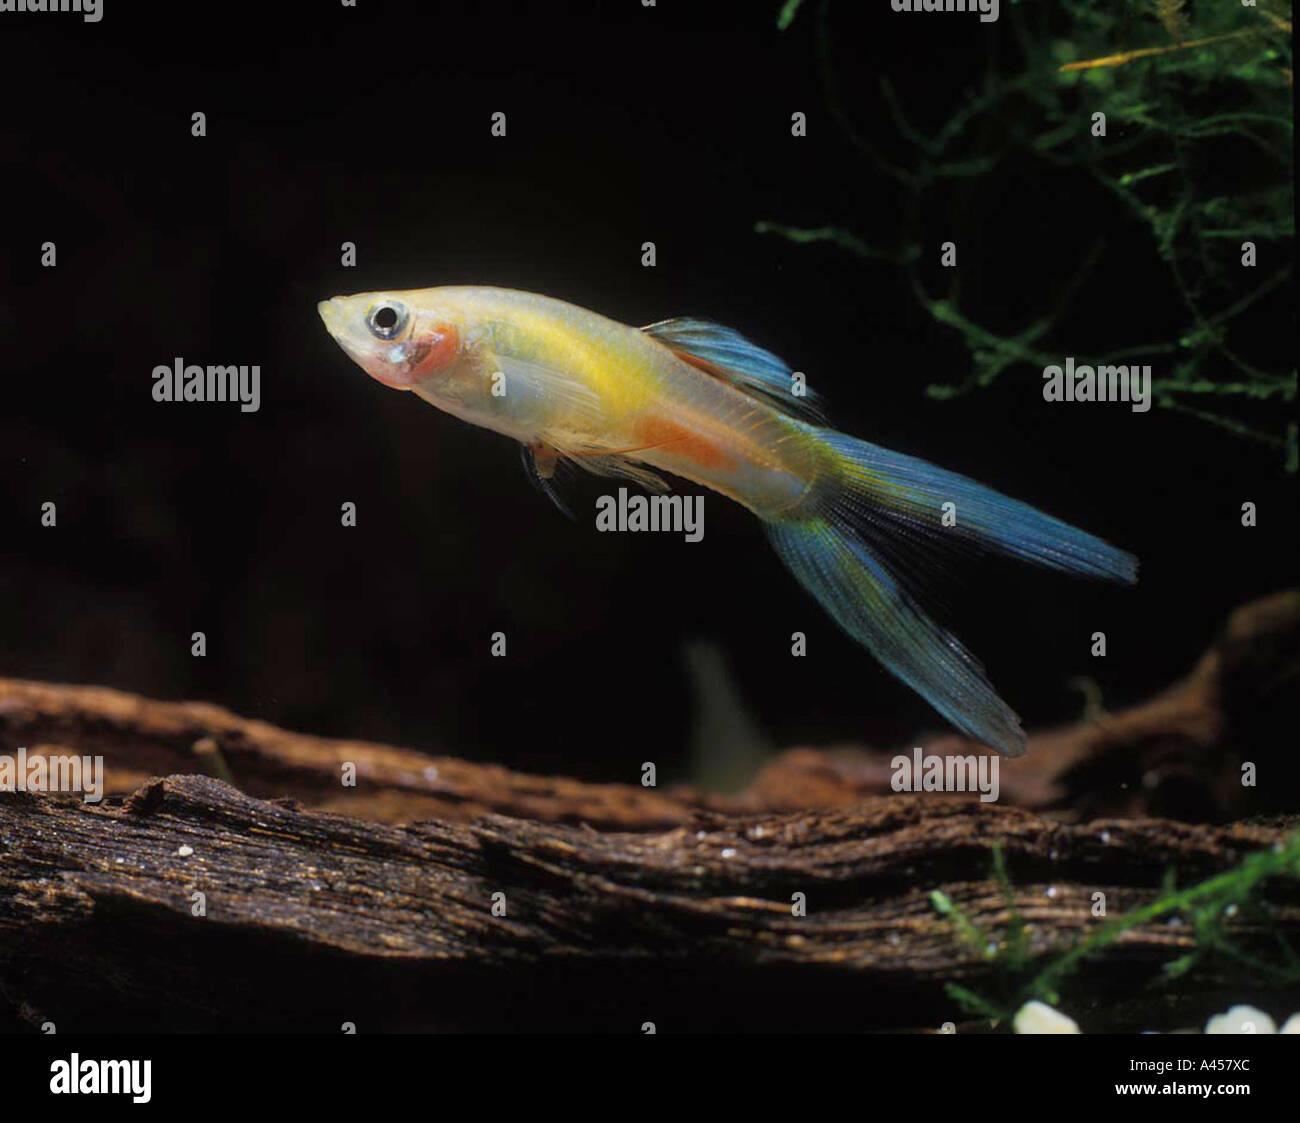 Freshwater fish hobby - Guppie Guppy Guppy Jeune Male Lebistes Reticulatus Water Aquarium Freshwater Pet Hobby Underwater Swim Fish Tropical